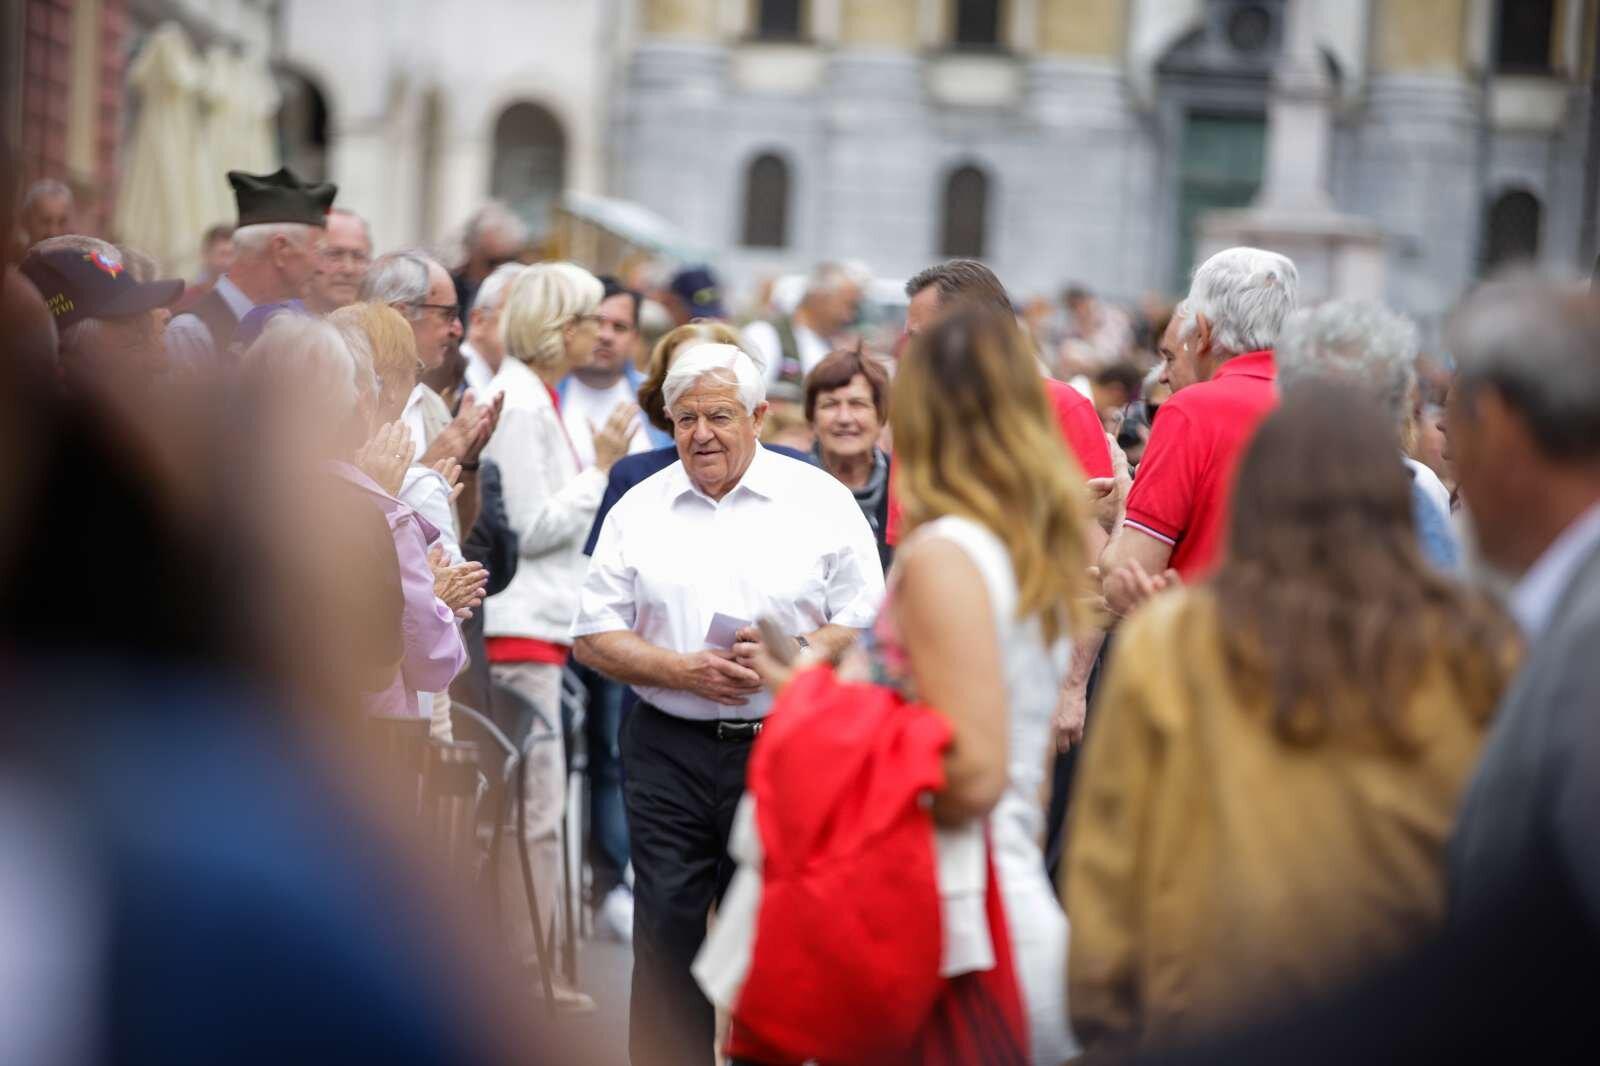 Milan Kučan poleg pokojnine prejema dodatek, ki ga je vpeljal zakon o zagotavljanju pogojev za opravljanje funkcije predsednika republike. Foto: Anže Malovrh/STA